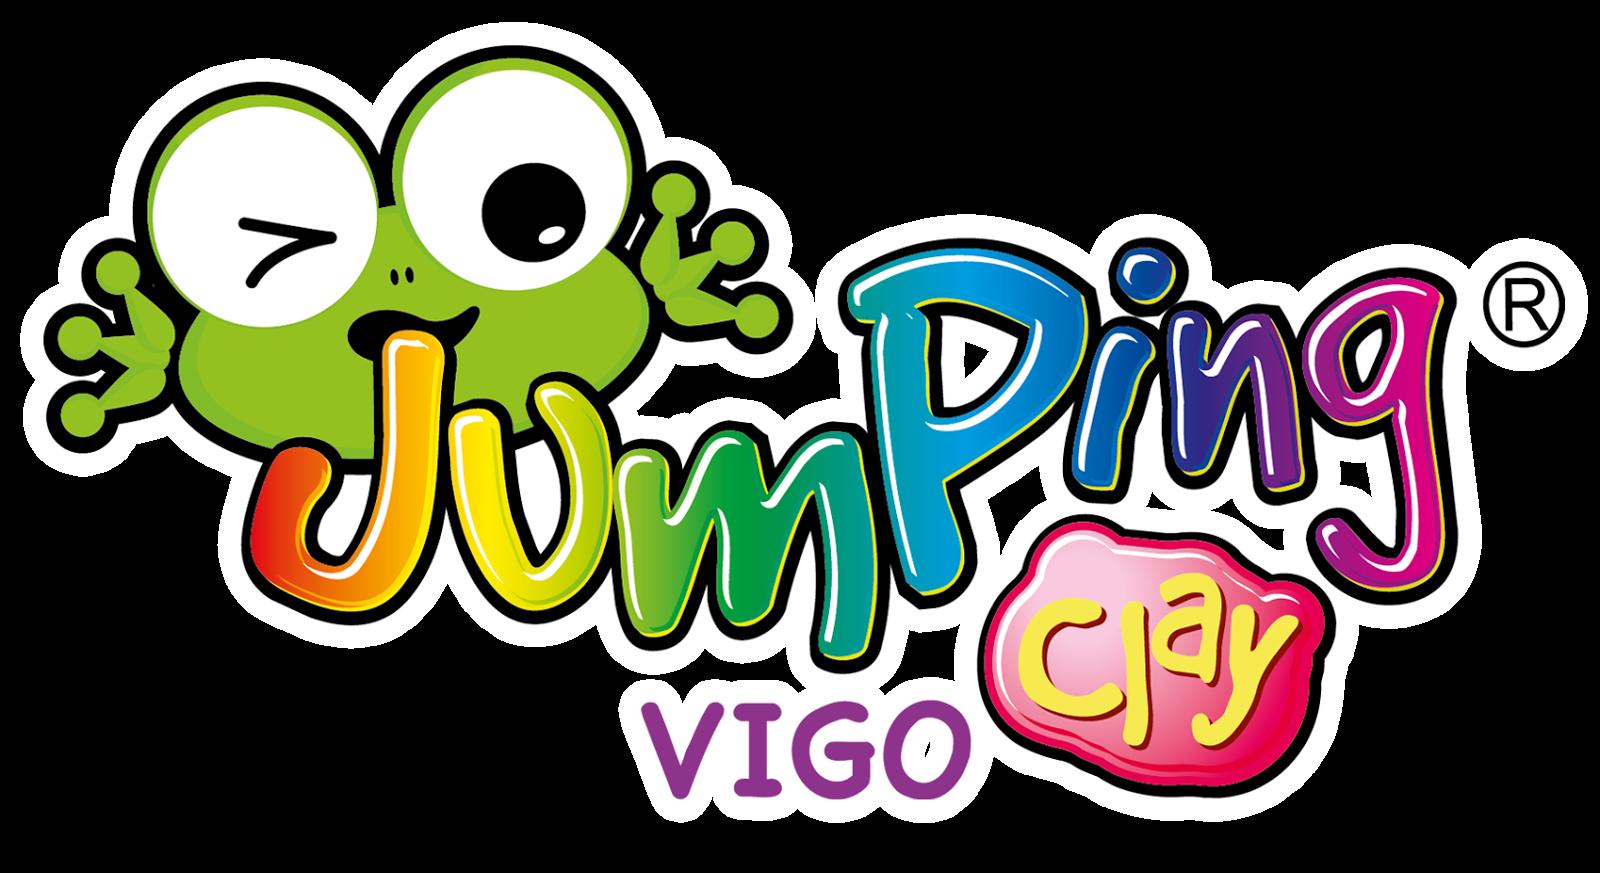 JUMPING CLAY VIGO